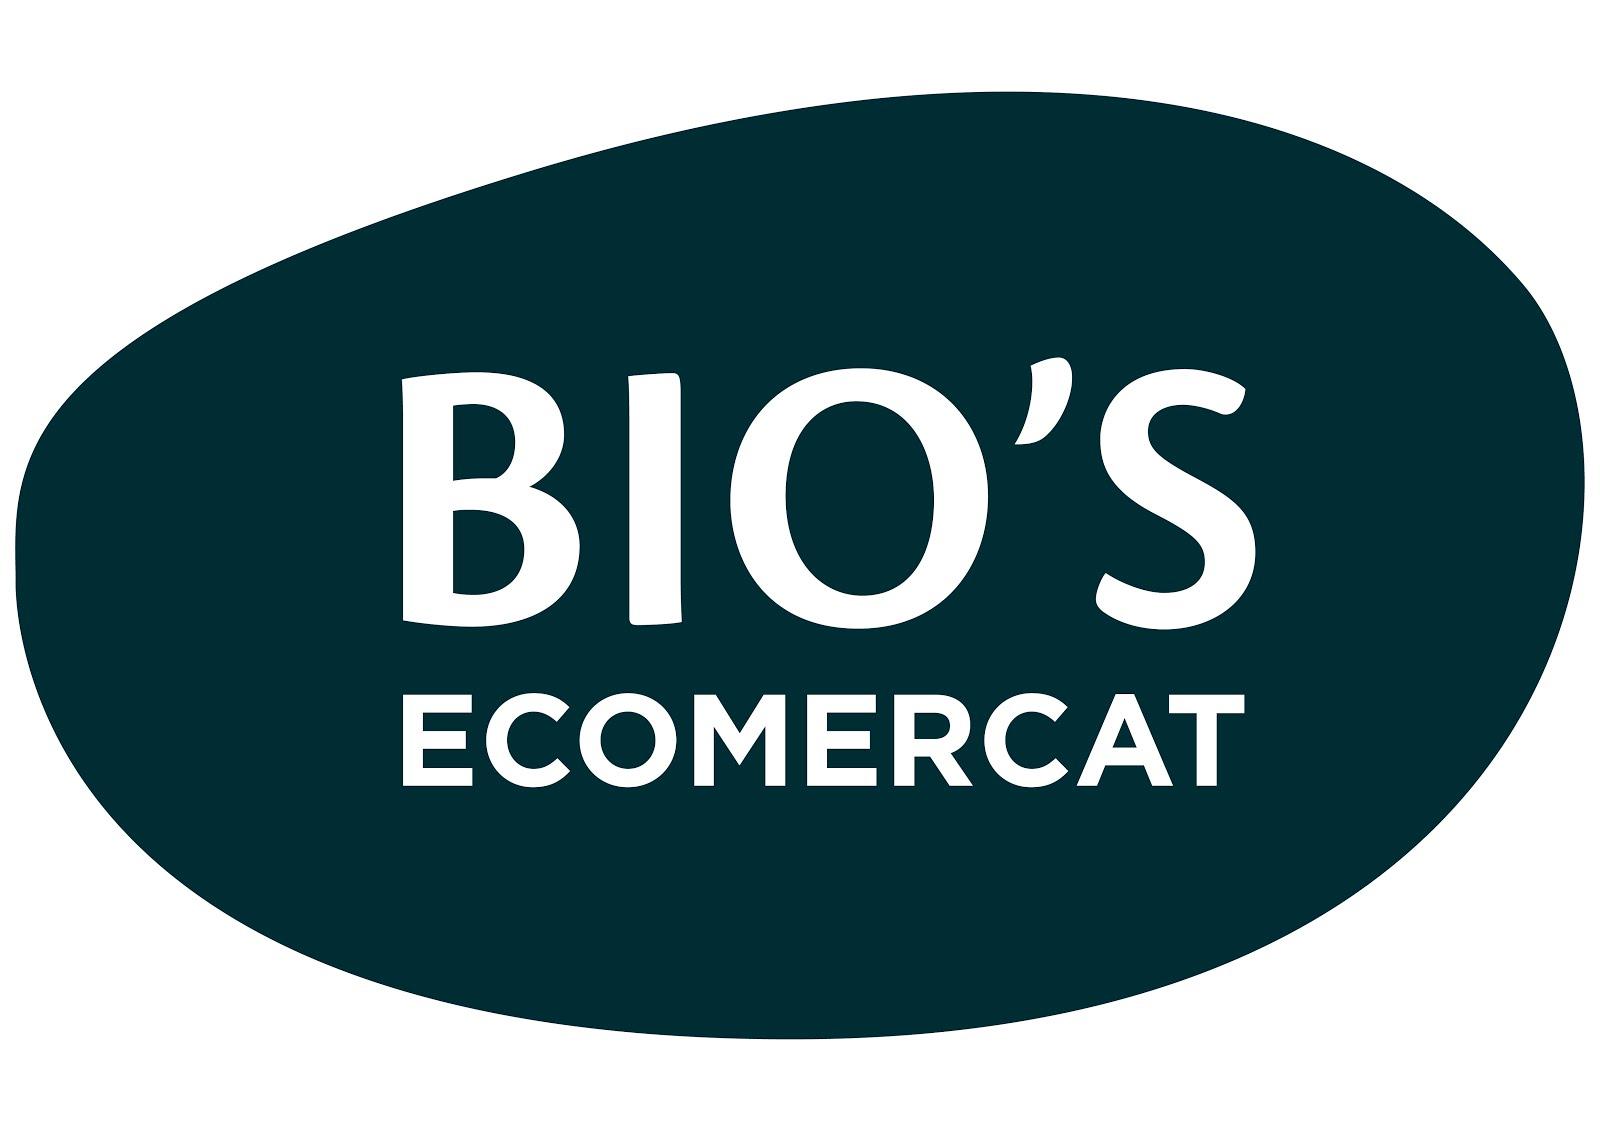 BIOS ECOMERCAT